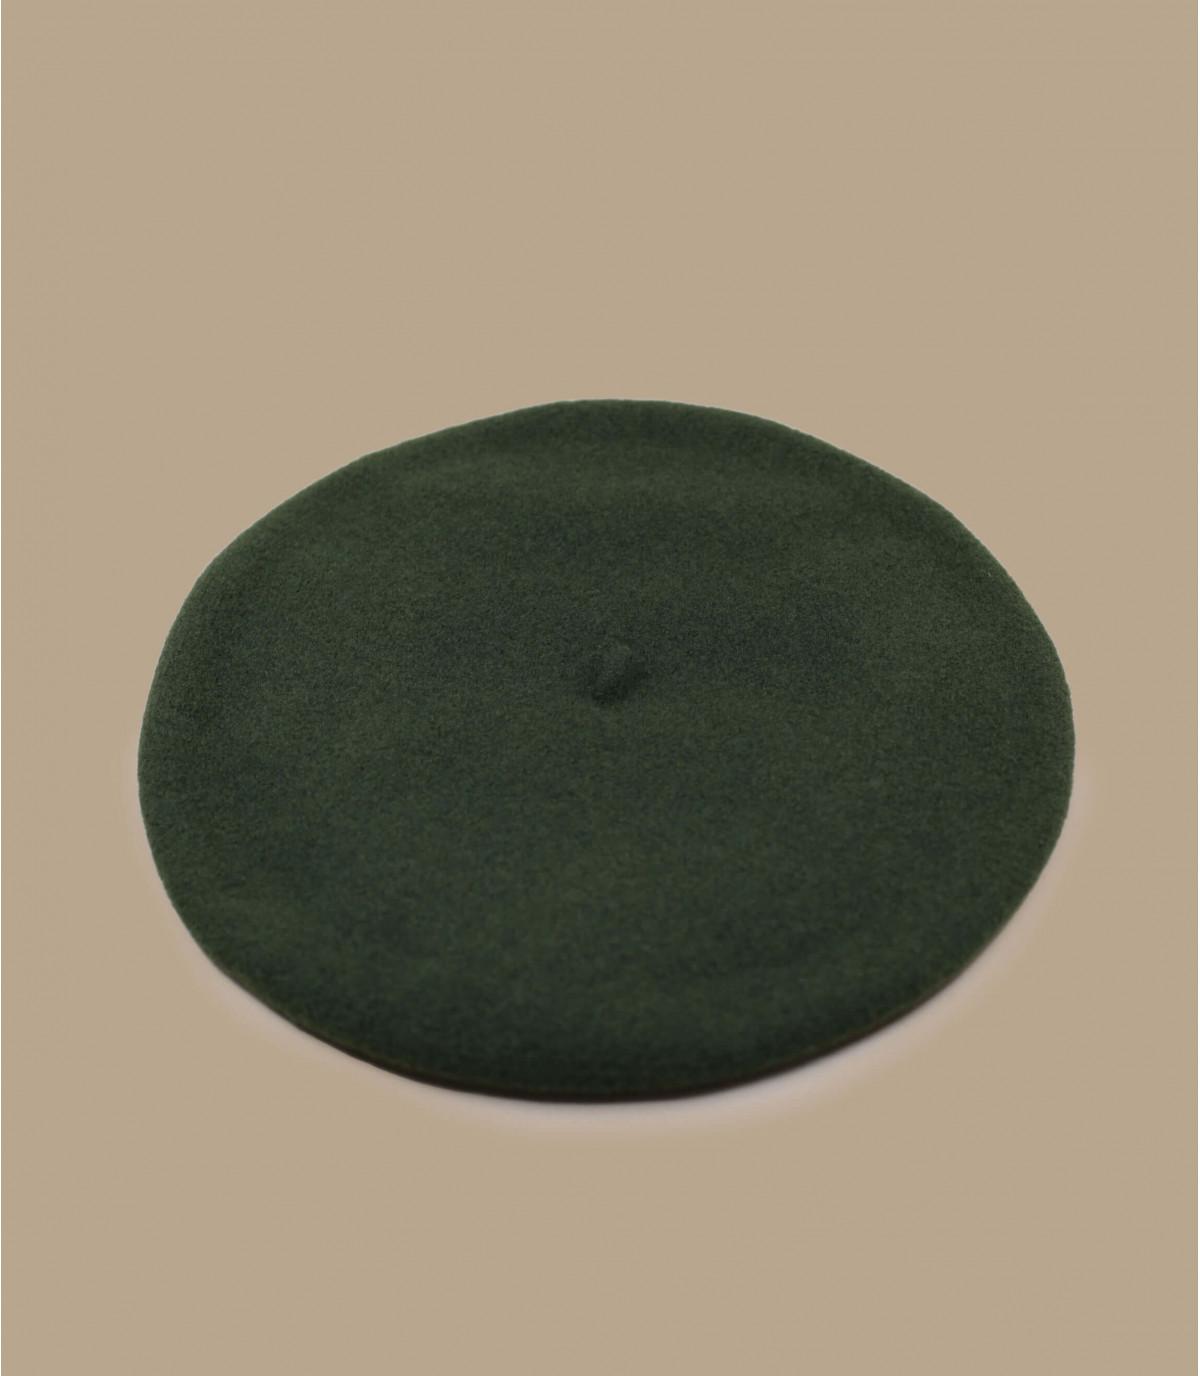 béret basque laine doublé vert